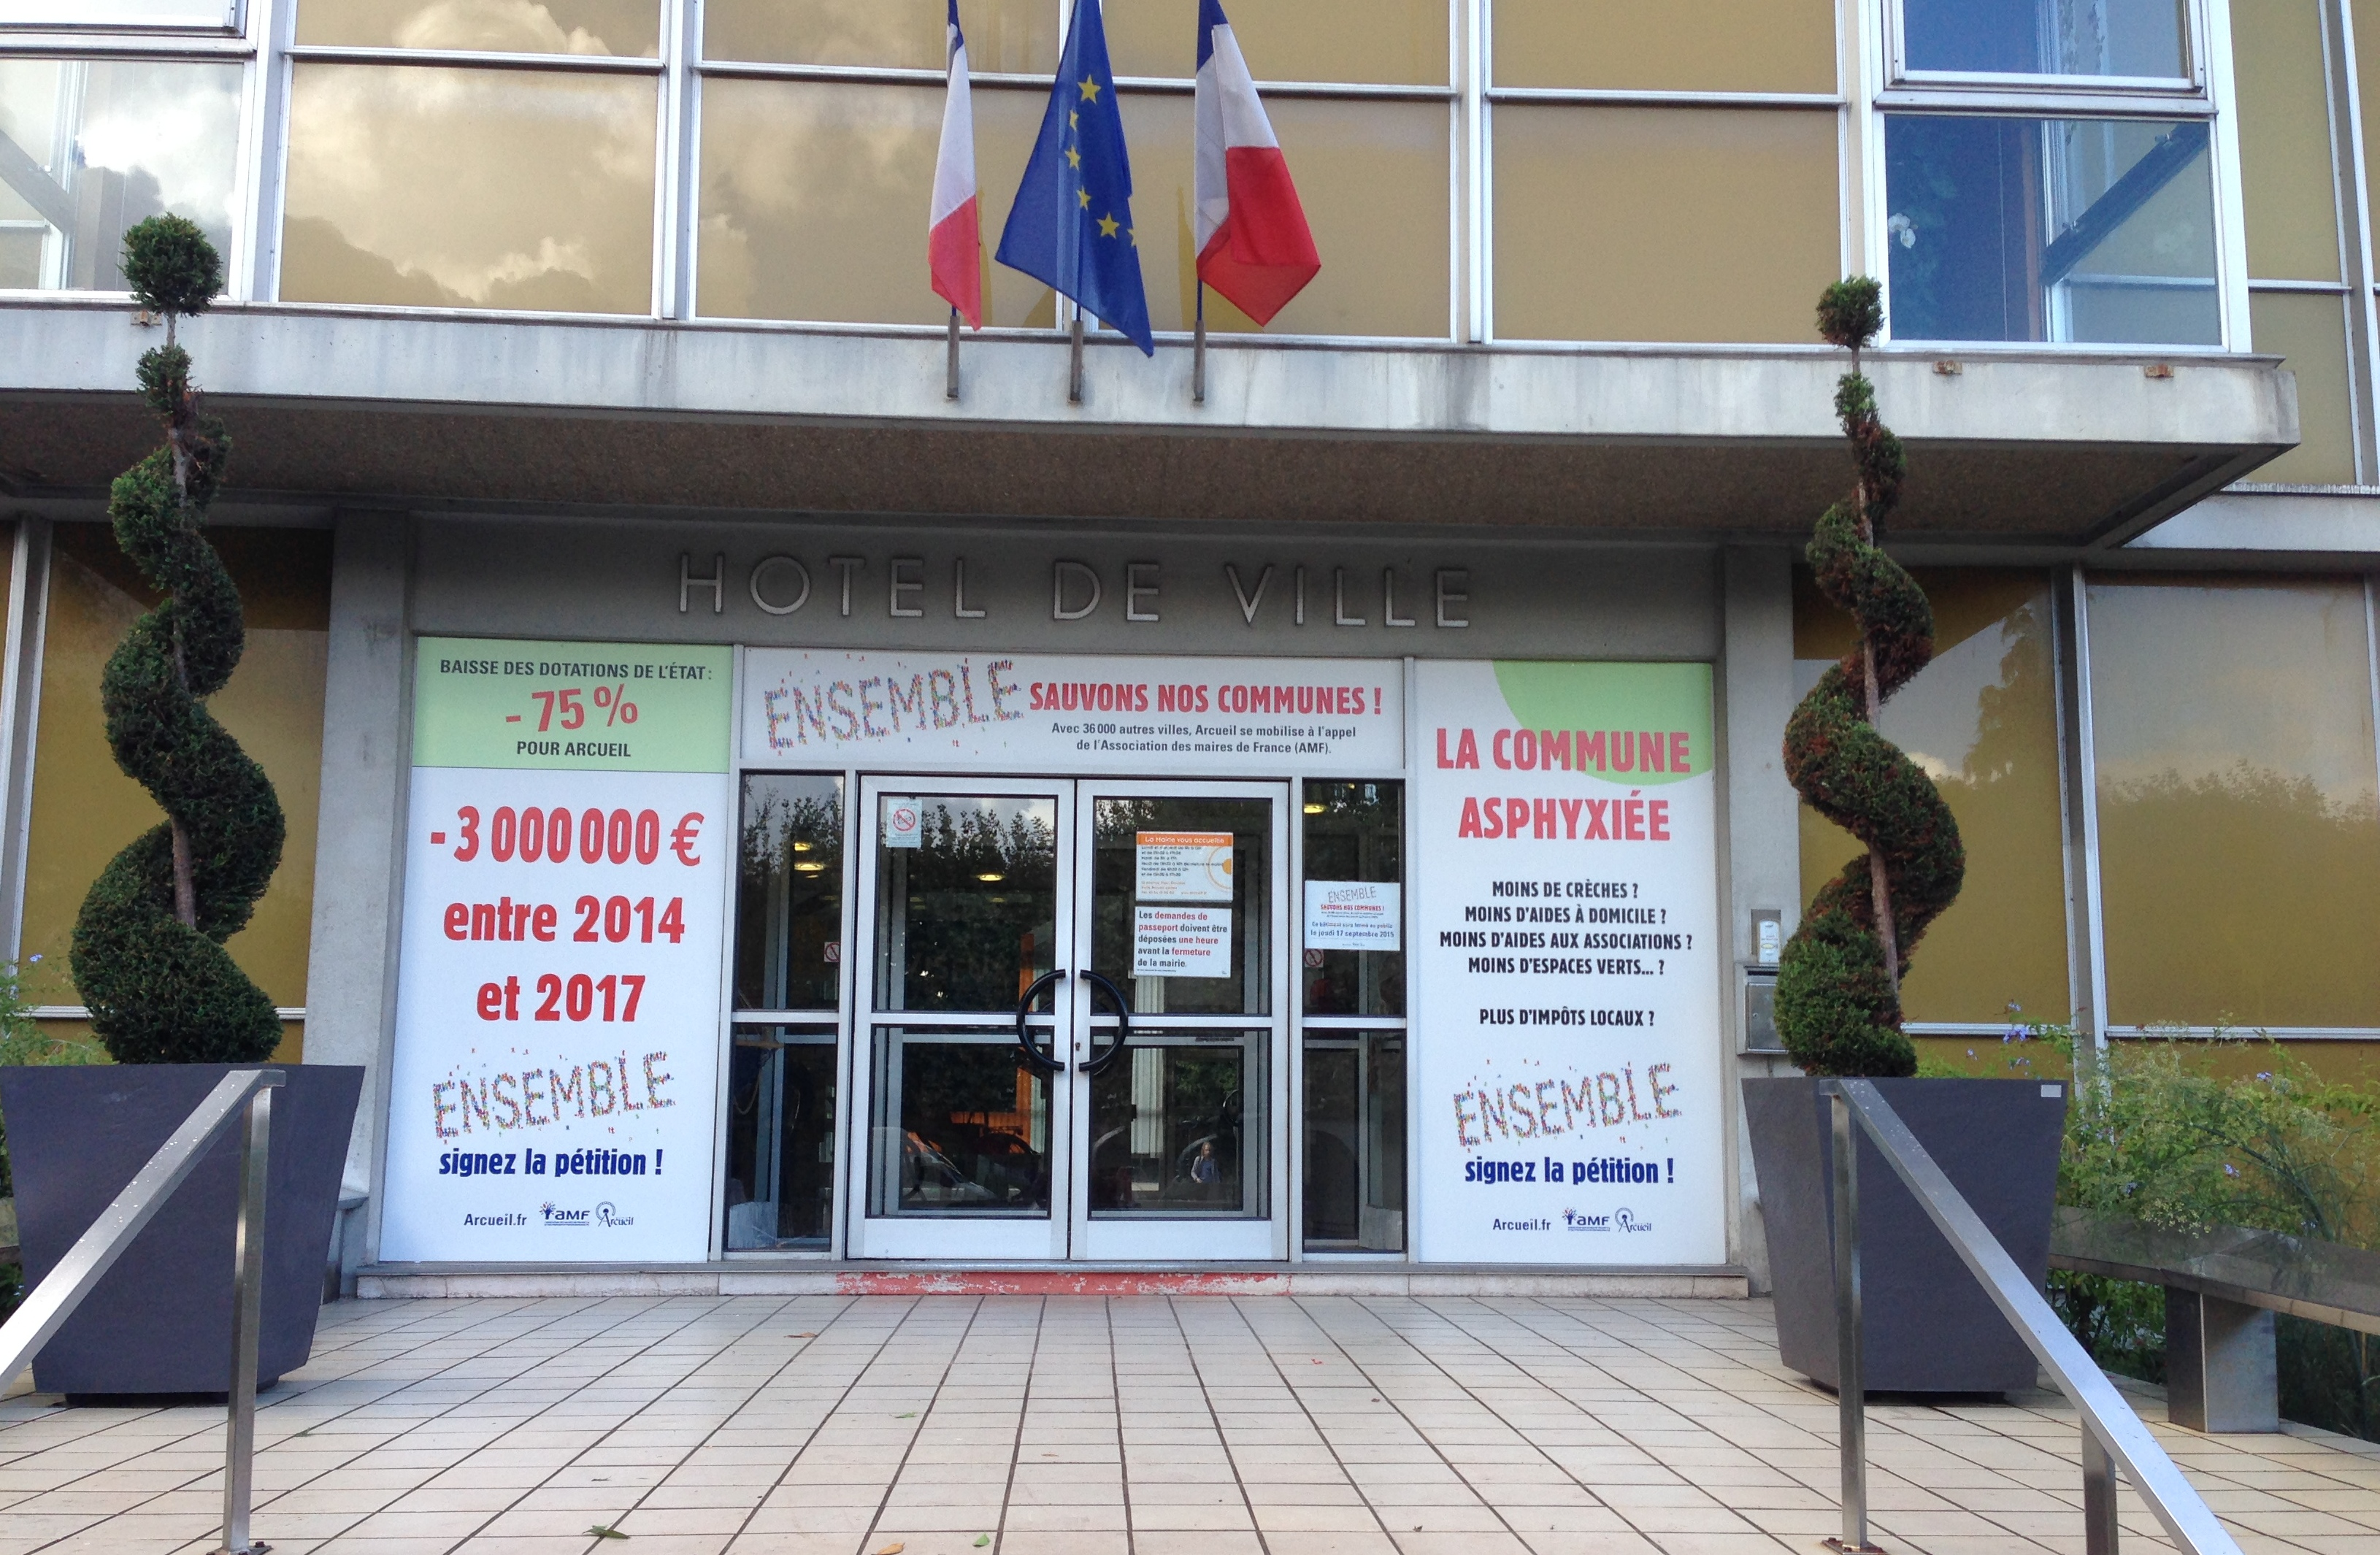 Photo Mairie habillée baisse dotations